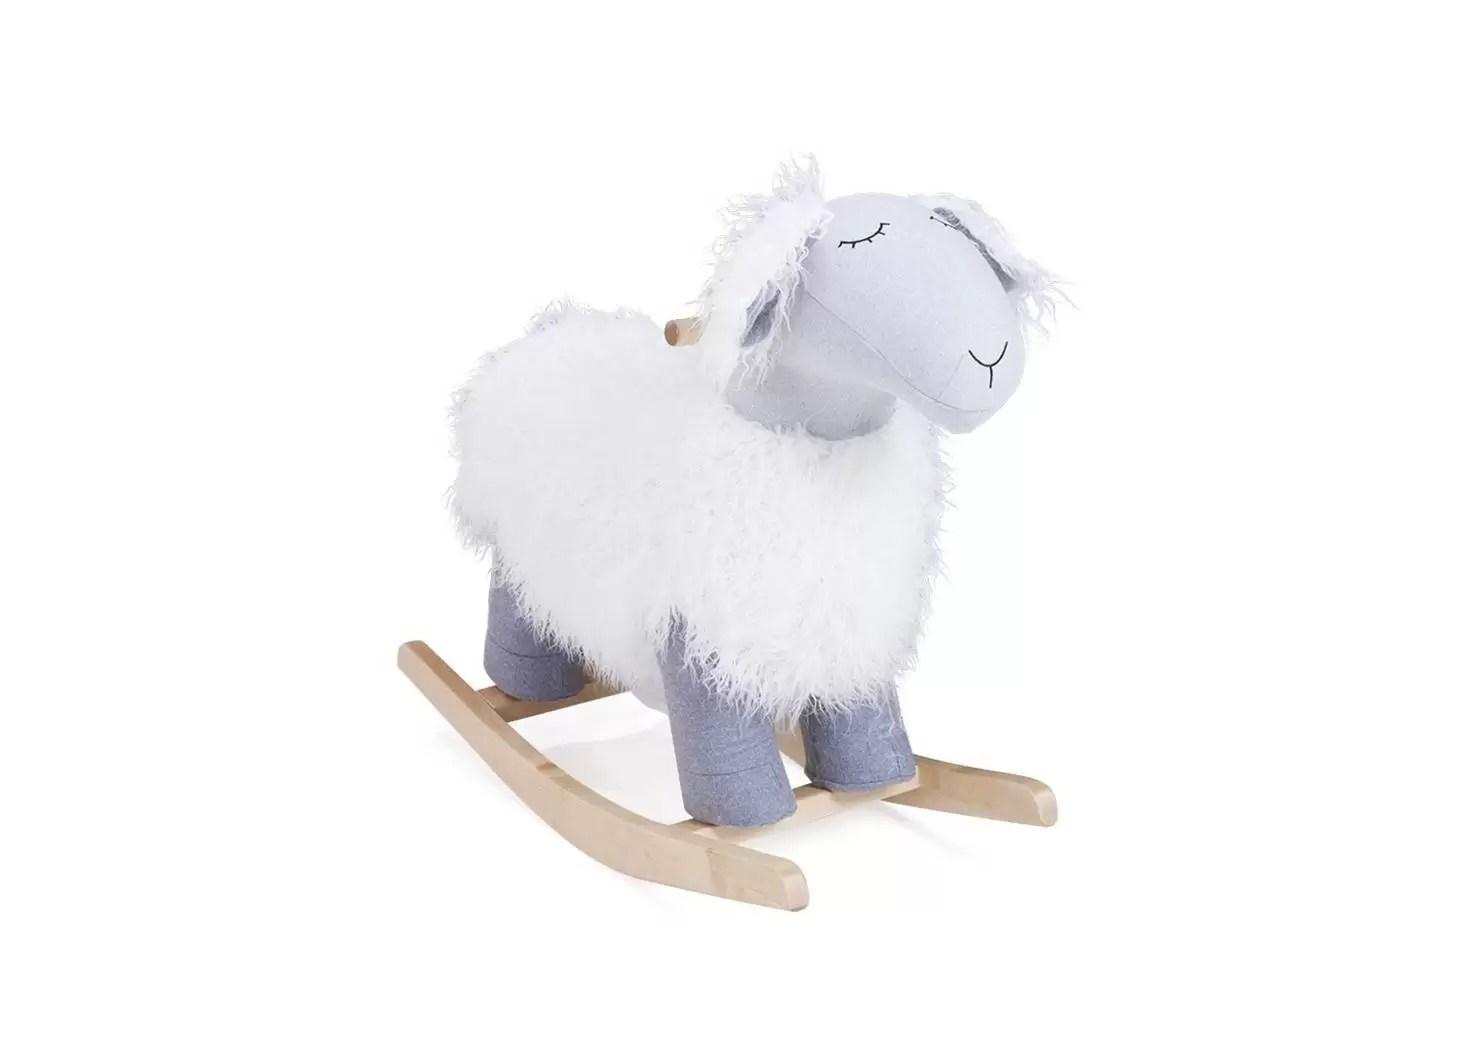 rocking chair mouton a bascule